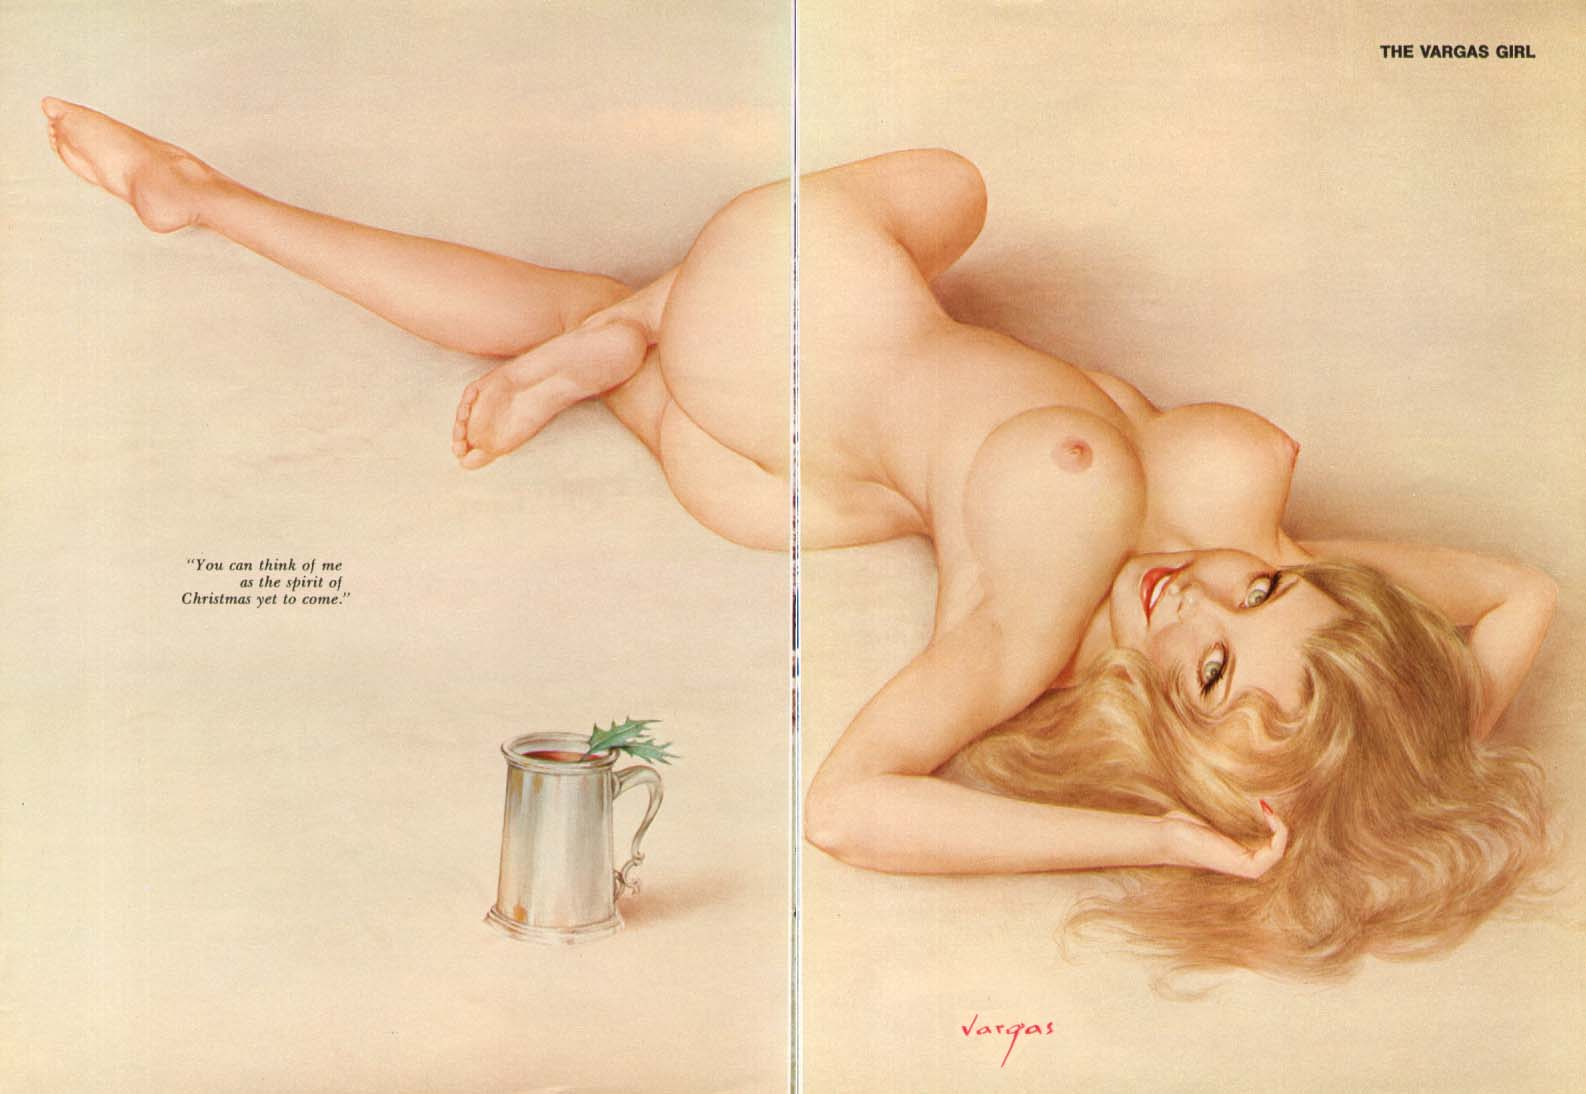 Эротические картинки срисовать, Секс в рисунках. - Рисованная эротика 28 фотография